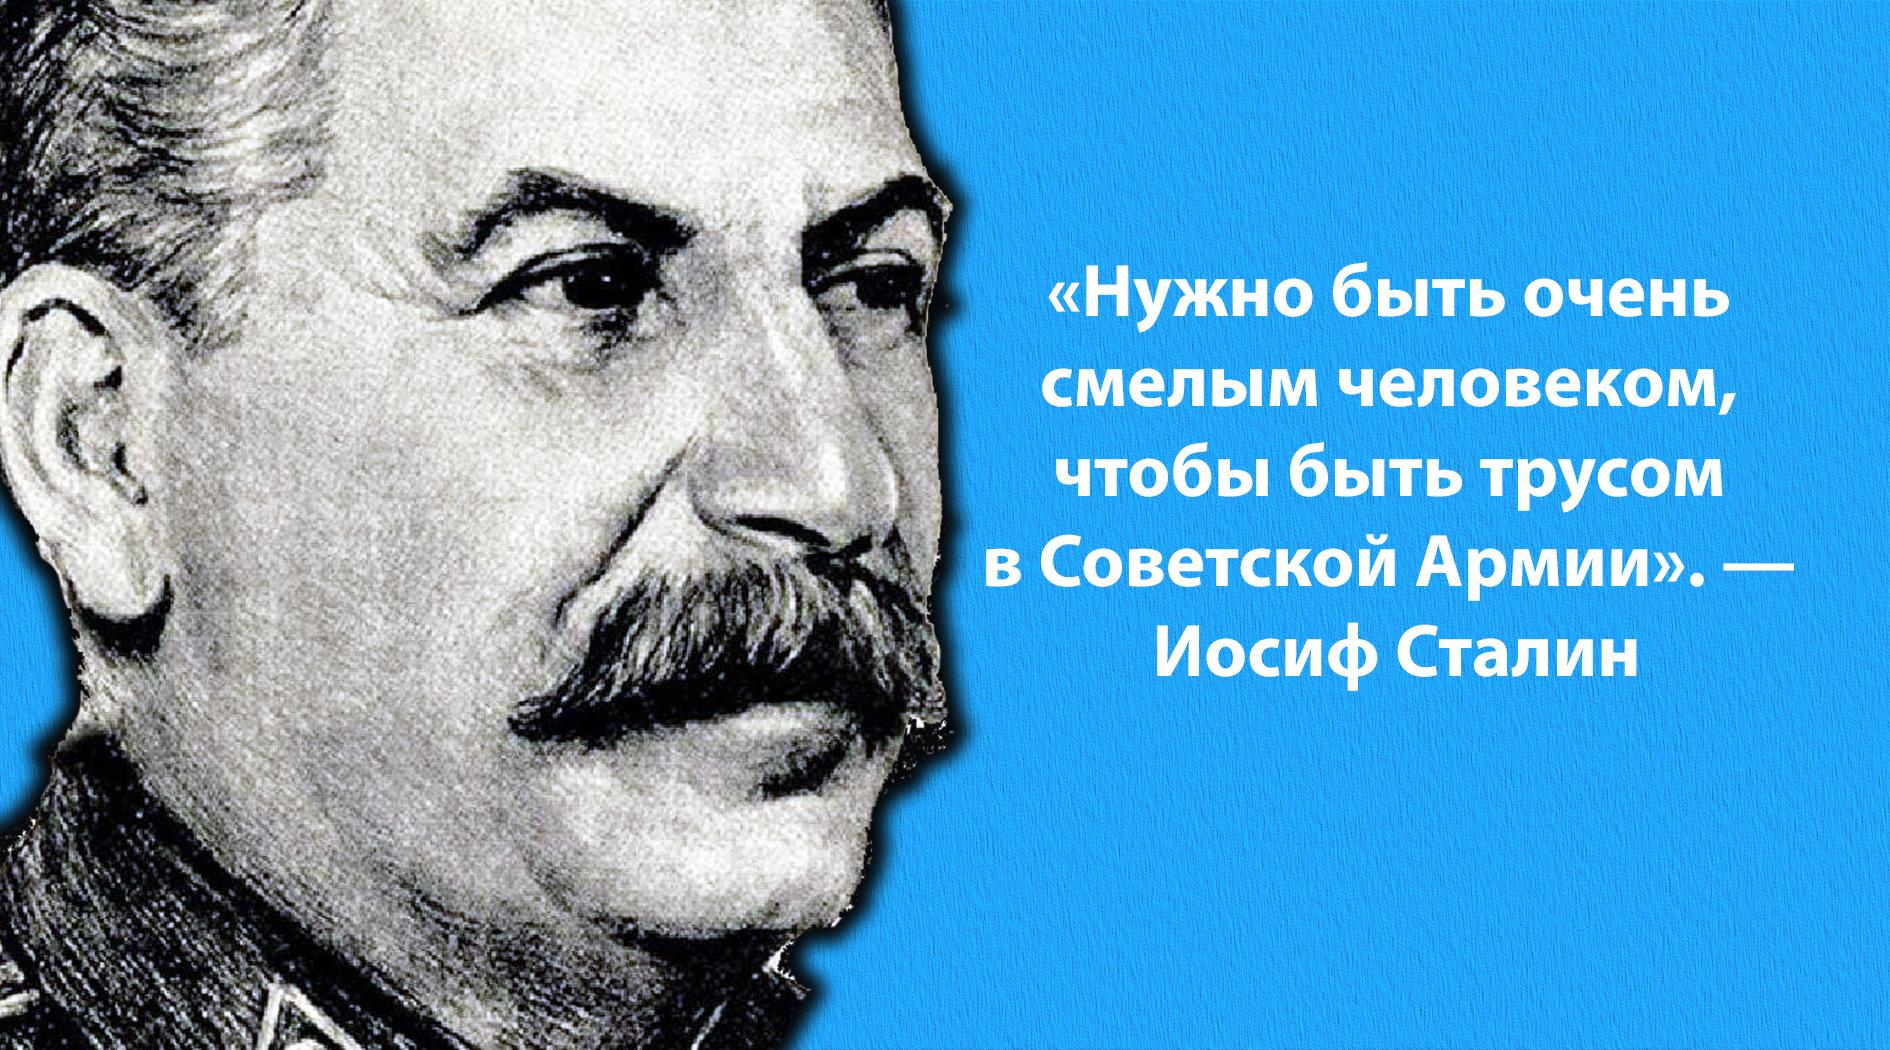 116 вдохновляющих цитат самых известных людей мира